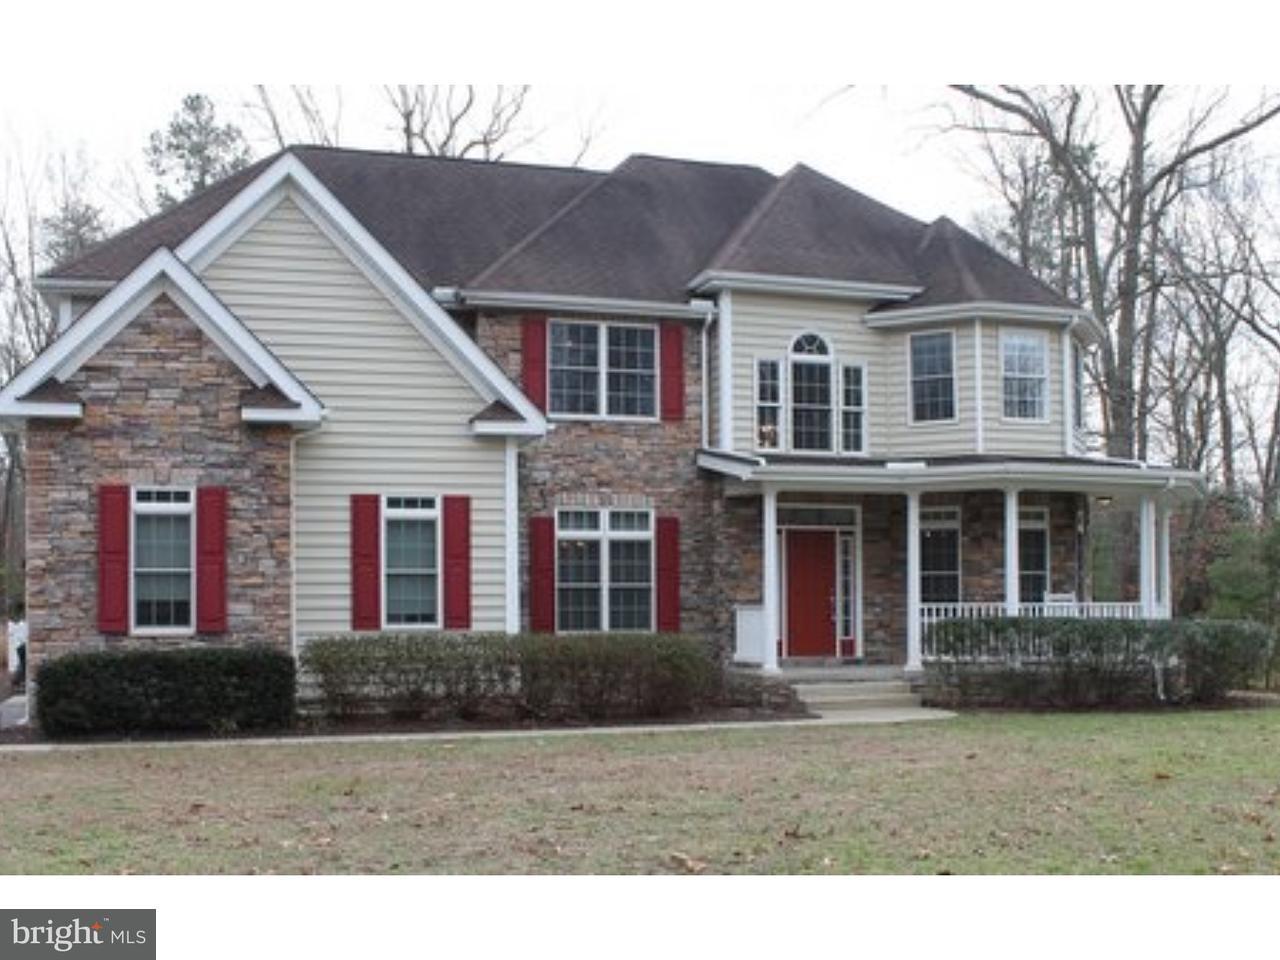 独户住宅 为 销售 在 17889 LOBLOLLY WAY 米尔顿, 特拉华州 19968 美国